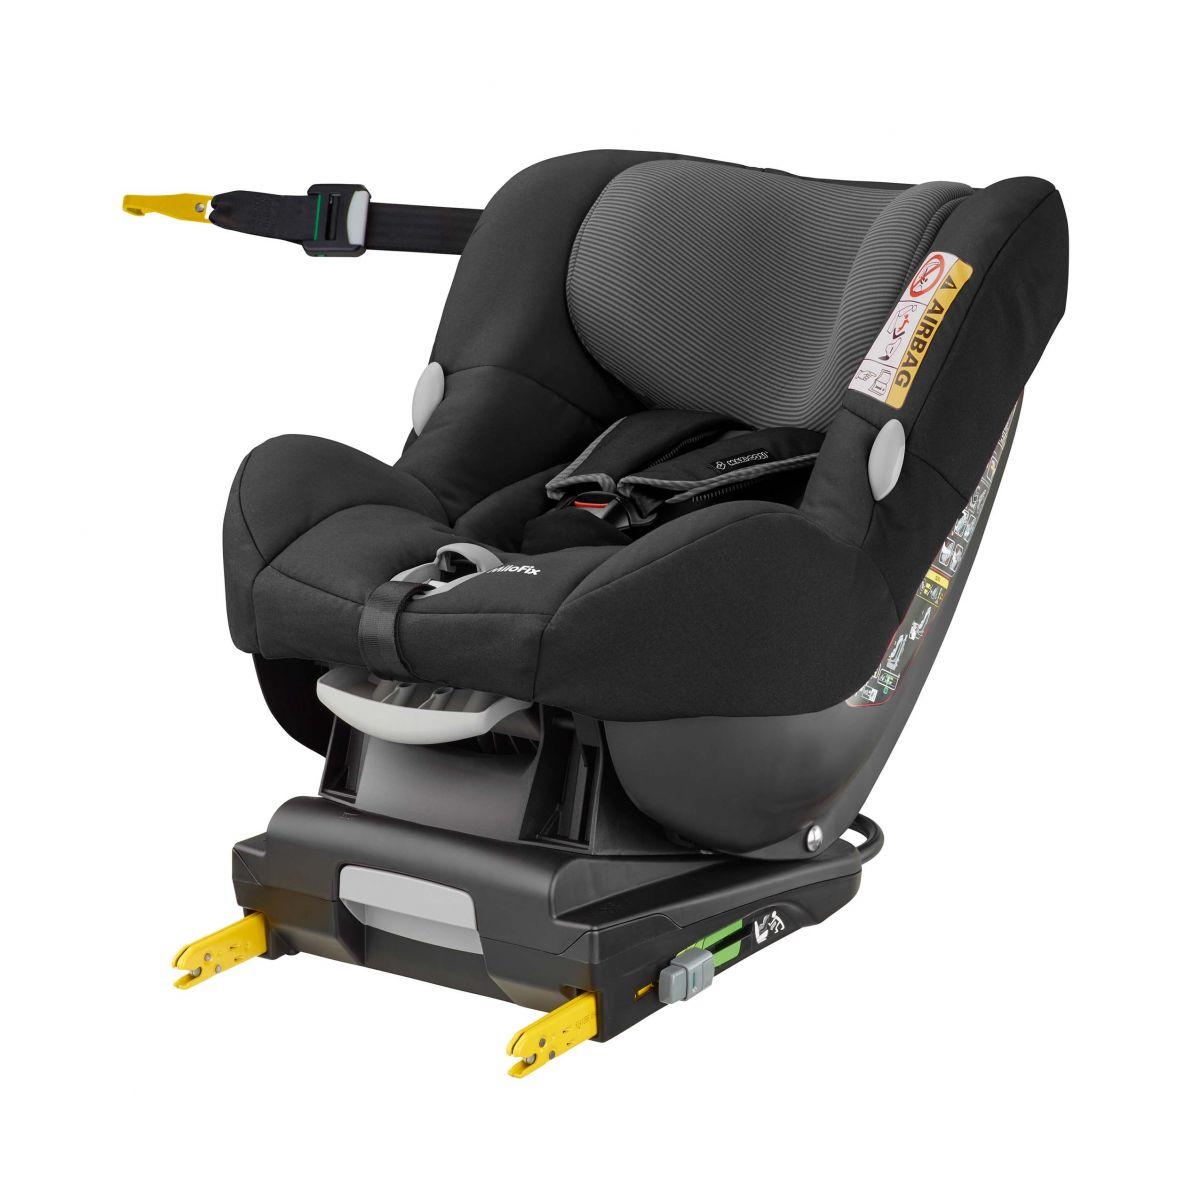 Cadeira Milofix Black - 0 à 18 Kg - Maxi Cosi